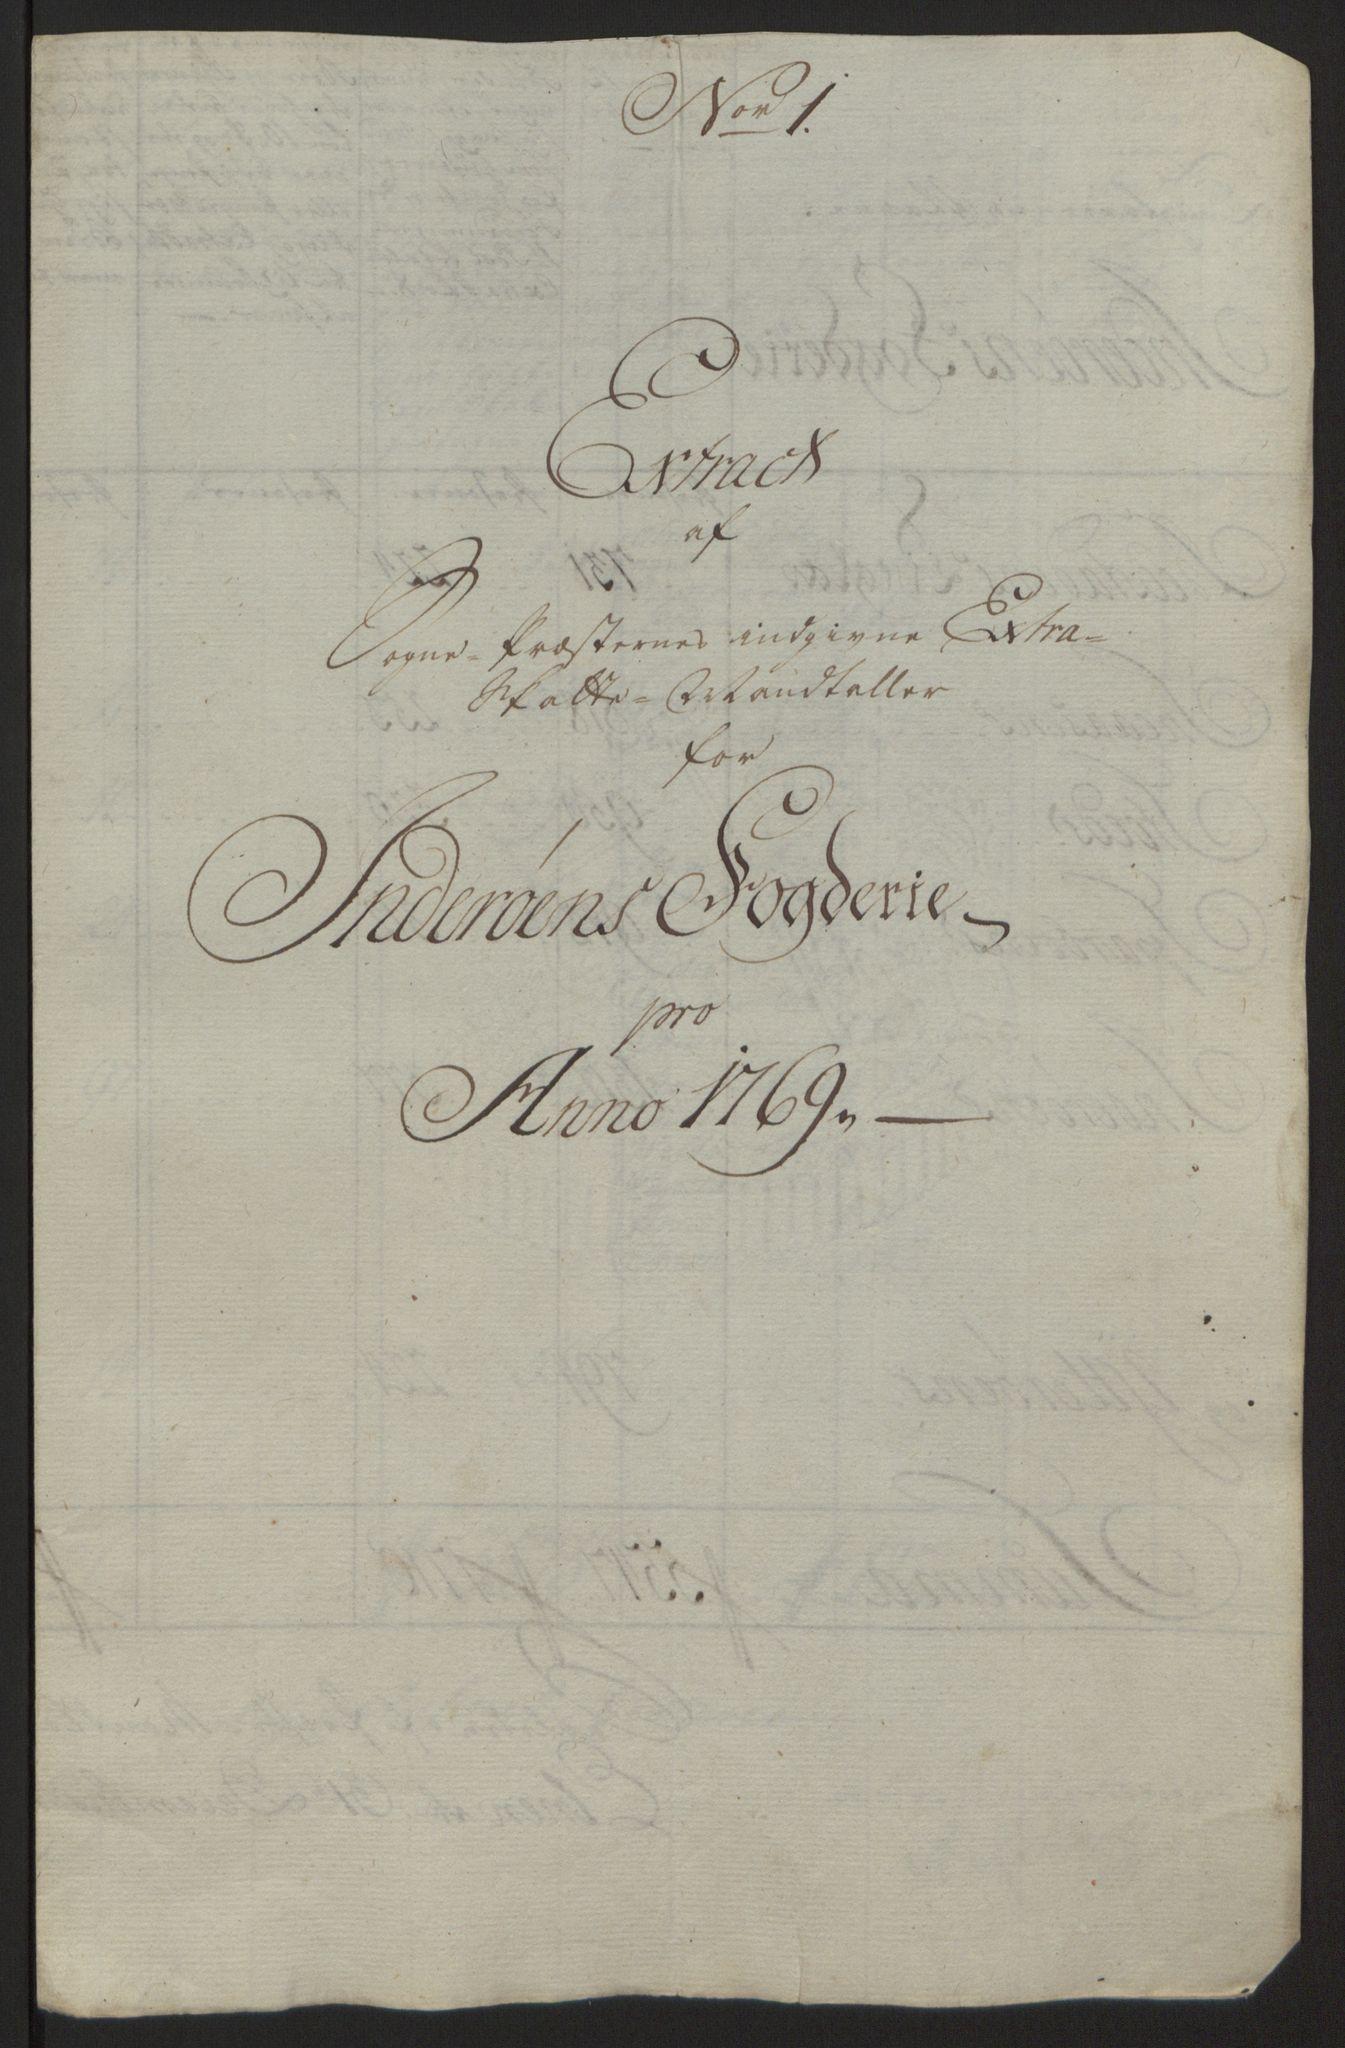 RA, Rentekammeret inntil 1814, Reviderte regnskaper, Fogderegnskap, R63/L4420: Ekstraskatten Inderøy, 1762-1772, s. 355